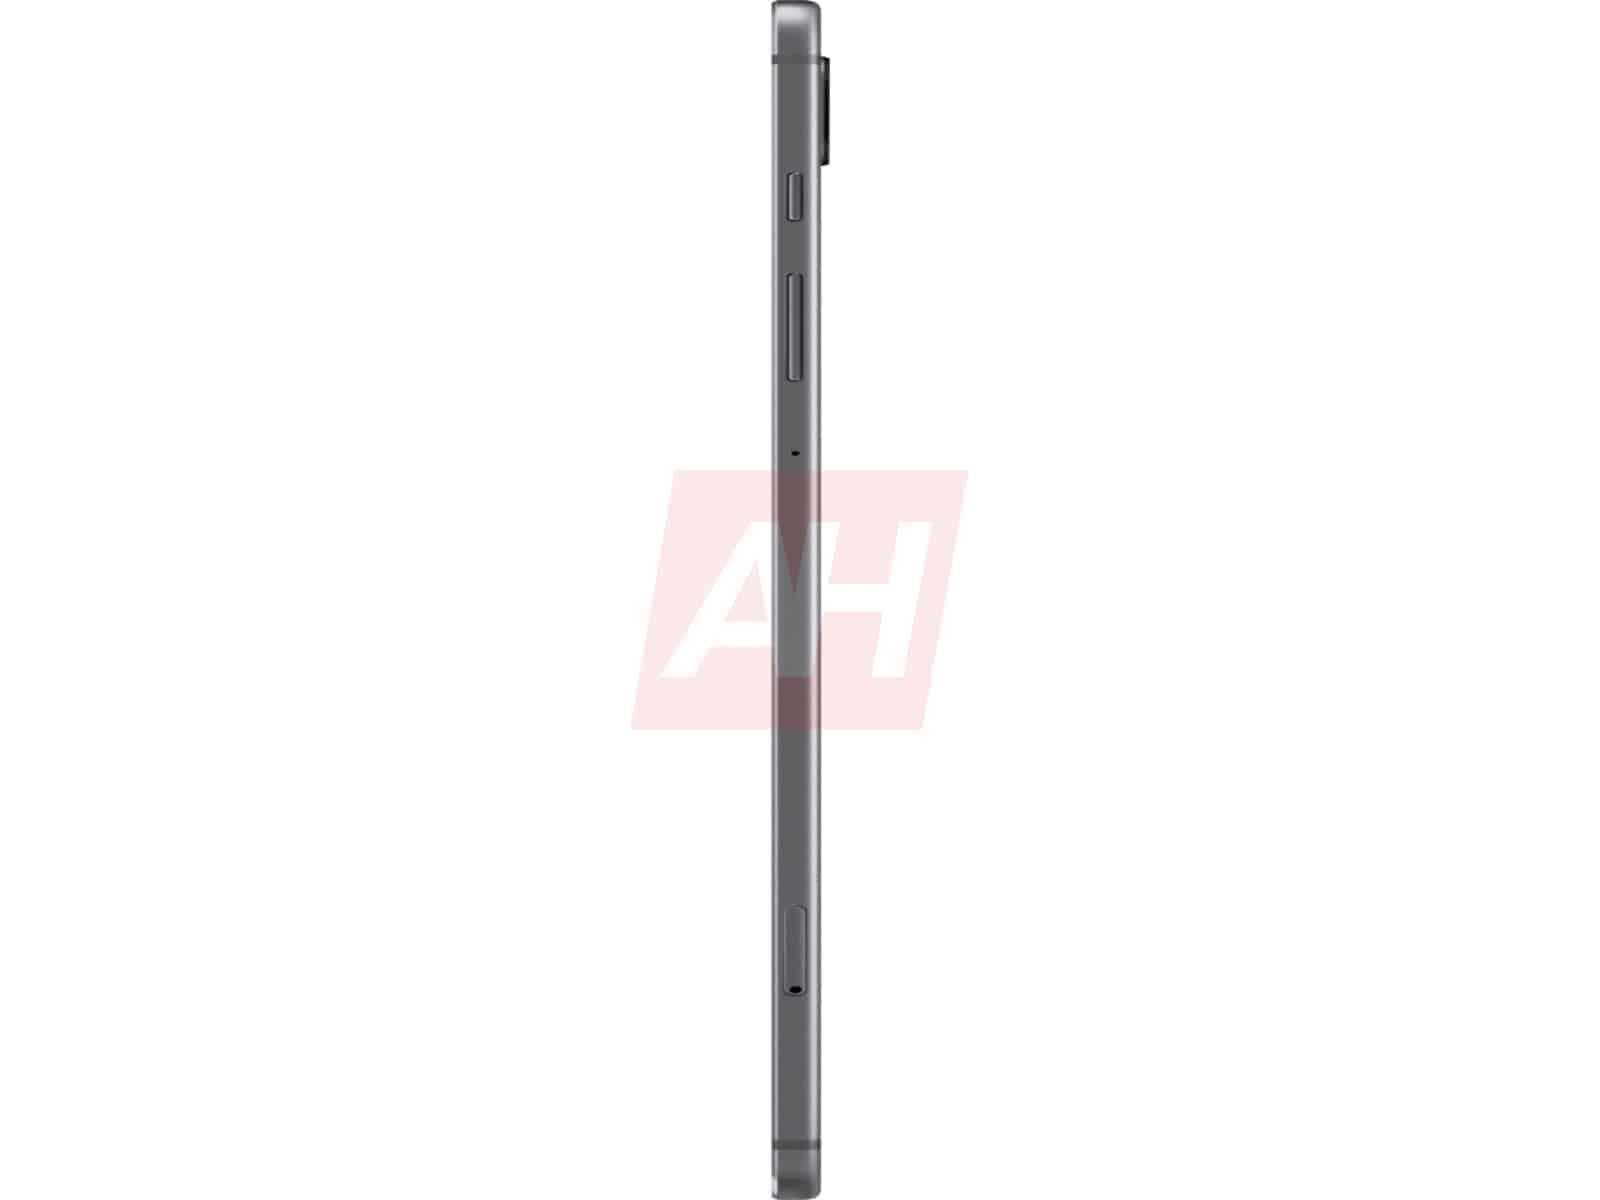 Samsung Galaxy Tab S6 Leak Grey 10